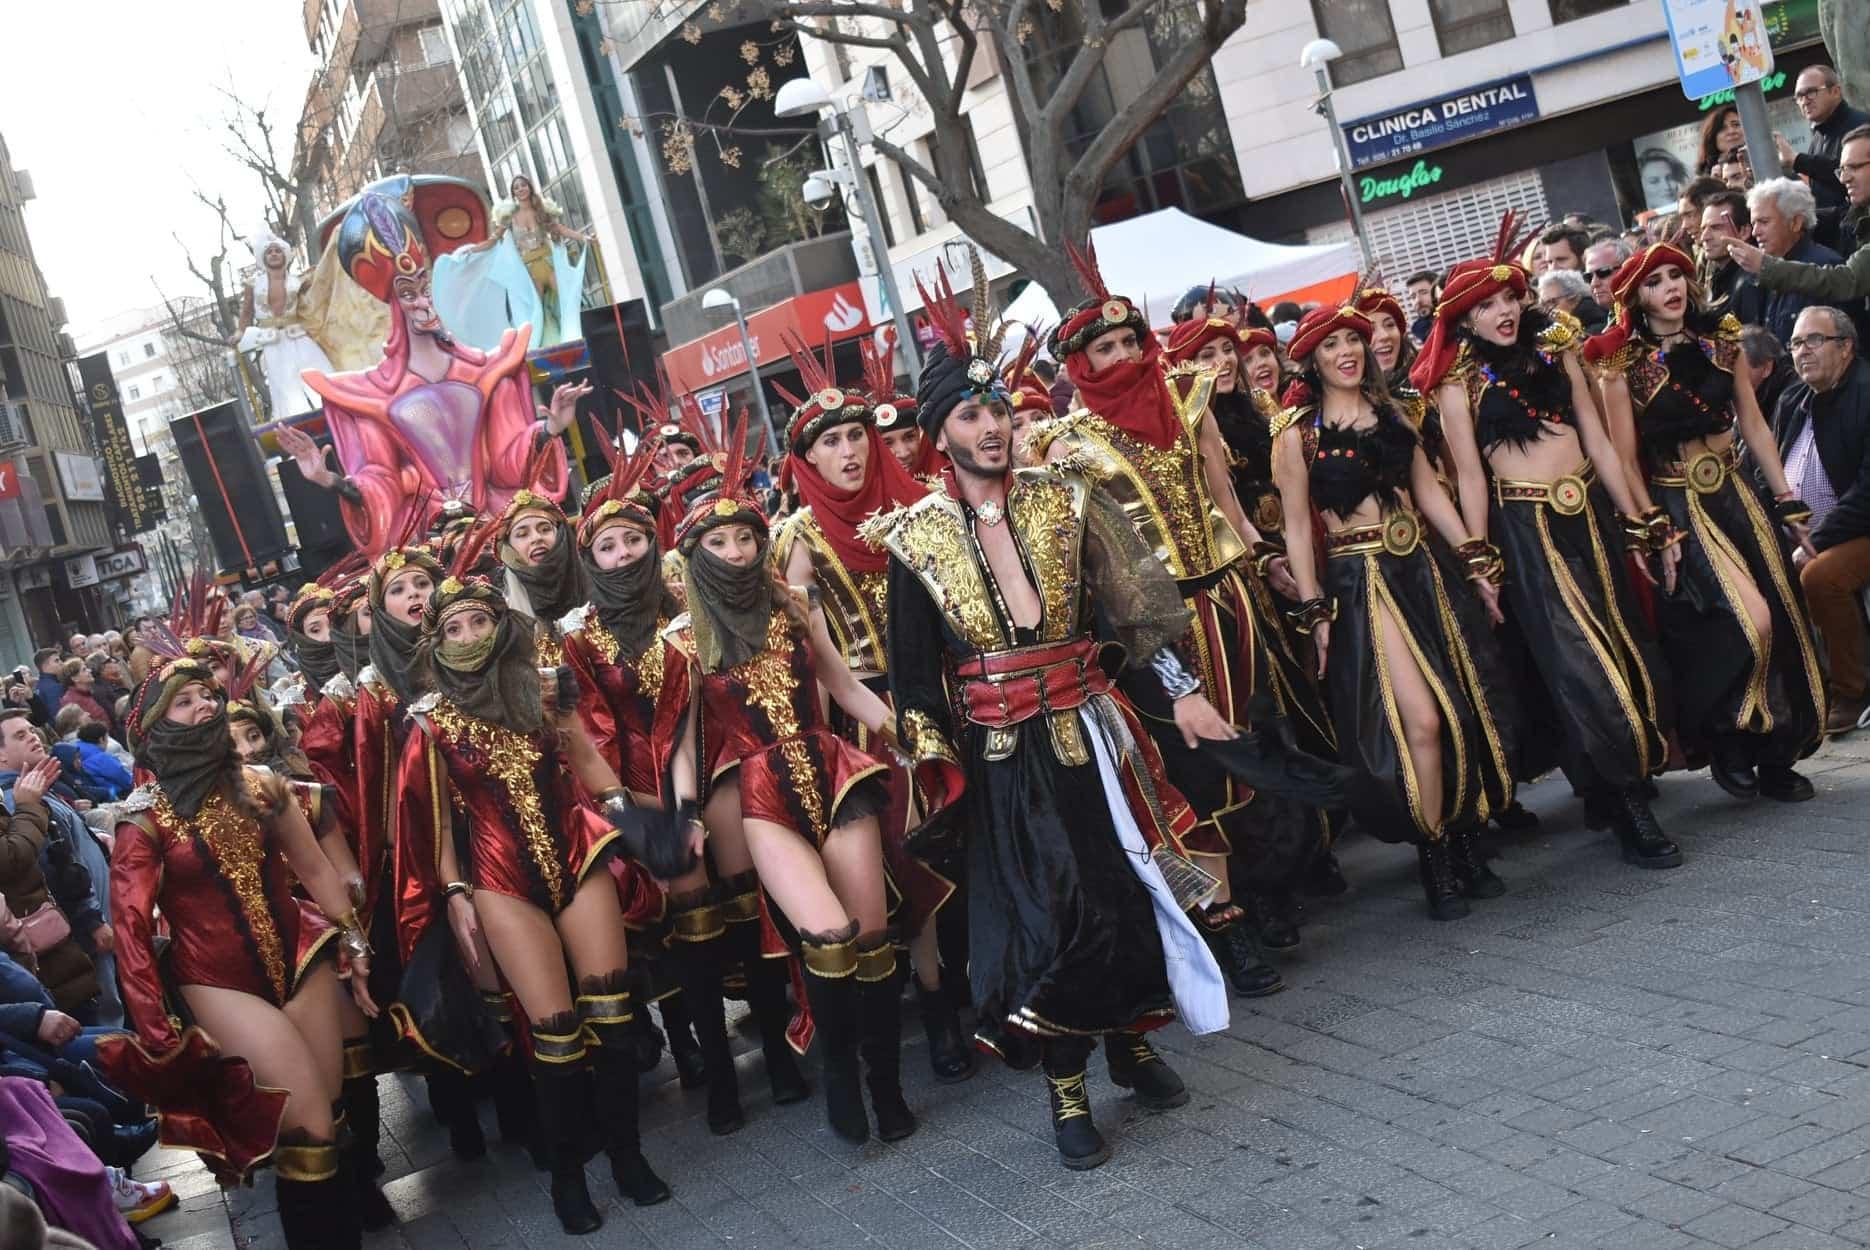 Carnaval de ciudad real 2020 axonsou arlequin oro herencia 24 - Axonsou se lleva el Arlequín de Oro en Ciudad Real